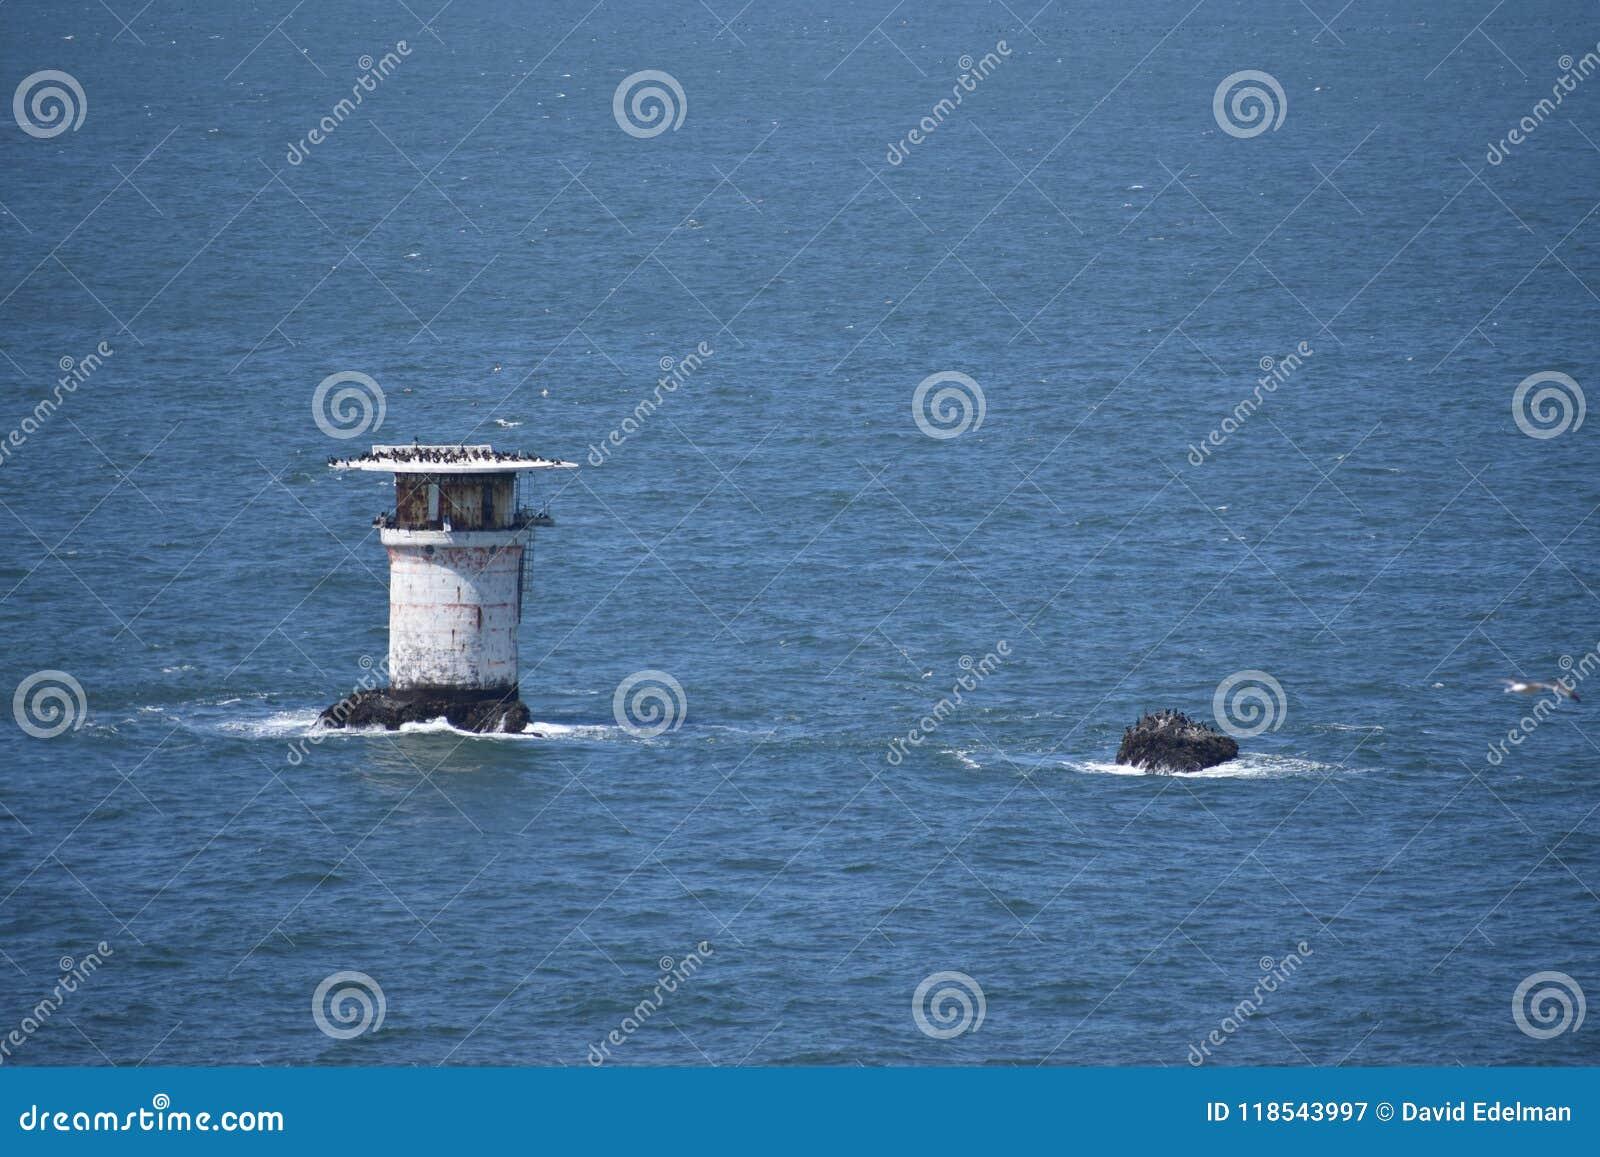 英里晃动灯塔和直升机着陆架, 1